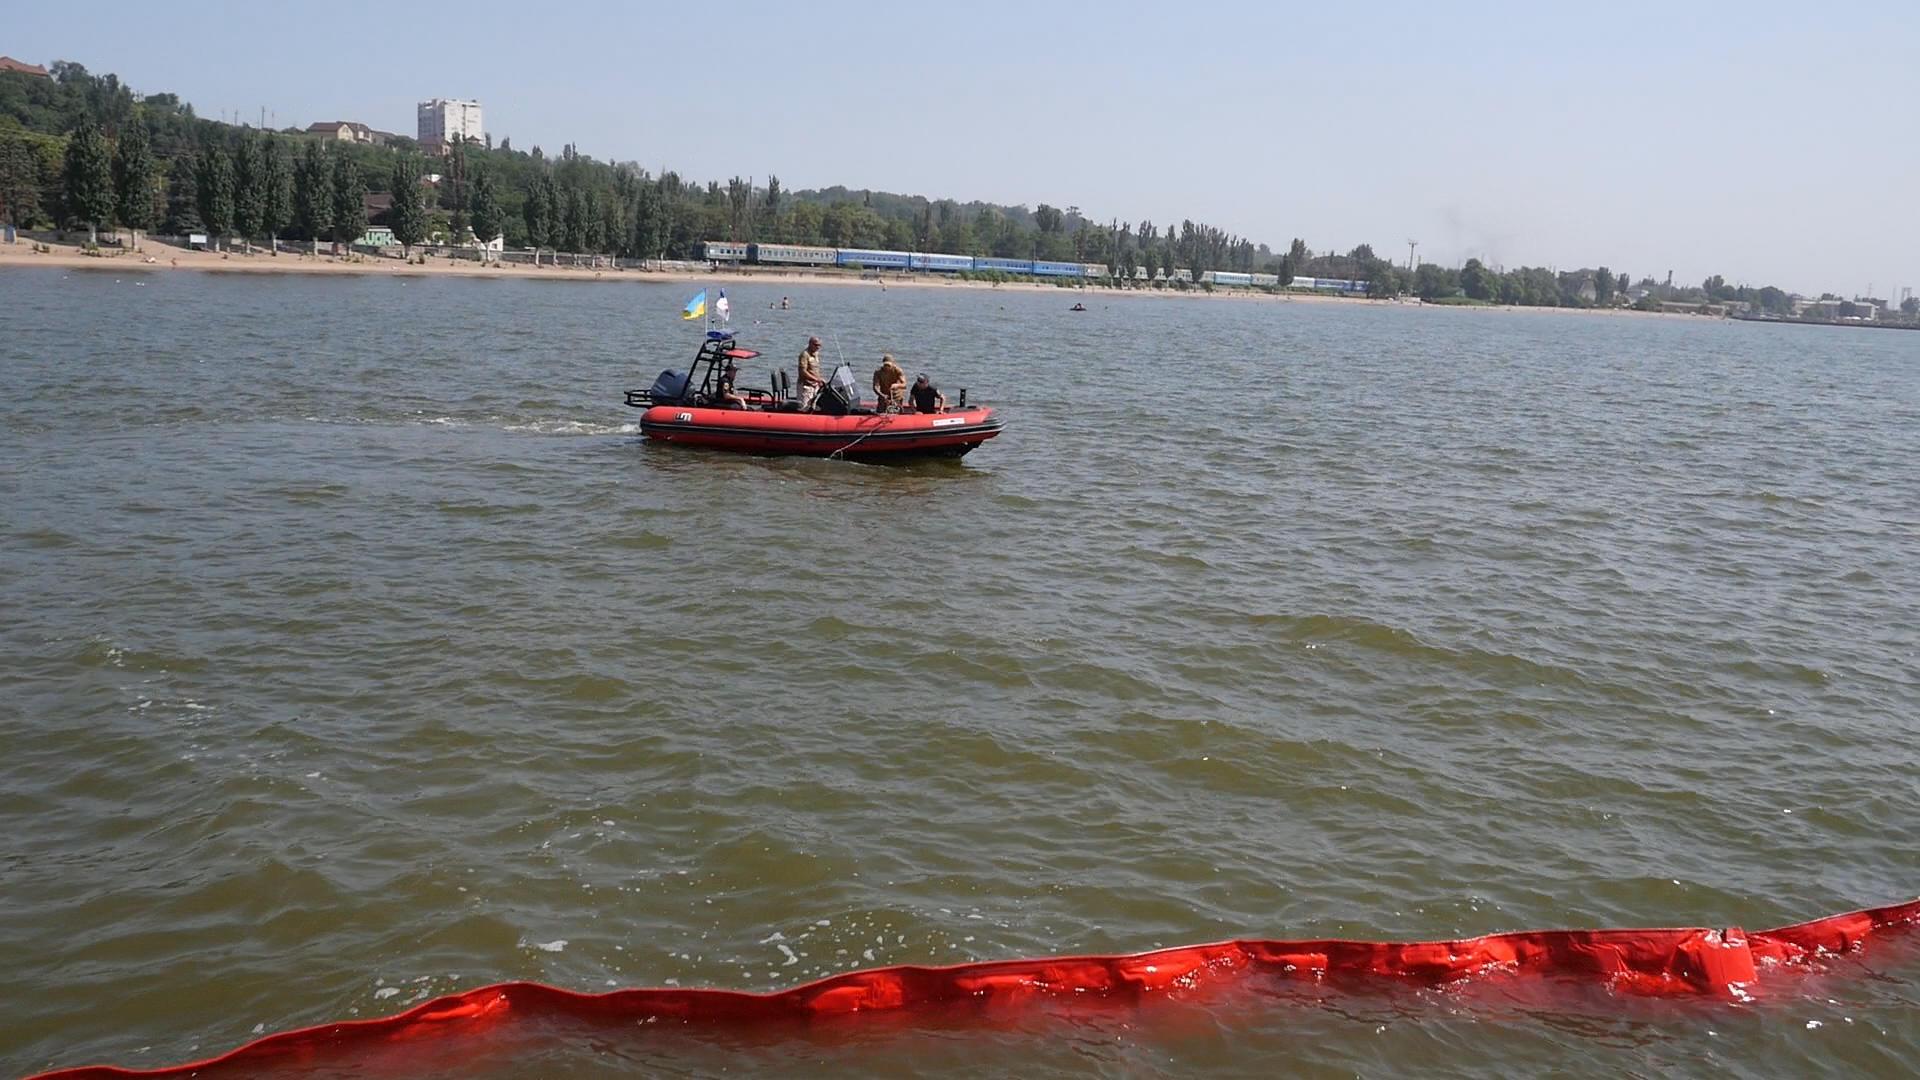 Рятувальники встановили в Азовському морі бонове загородження навколо забрудненої ділянки